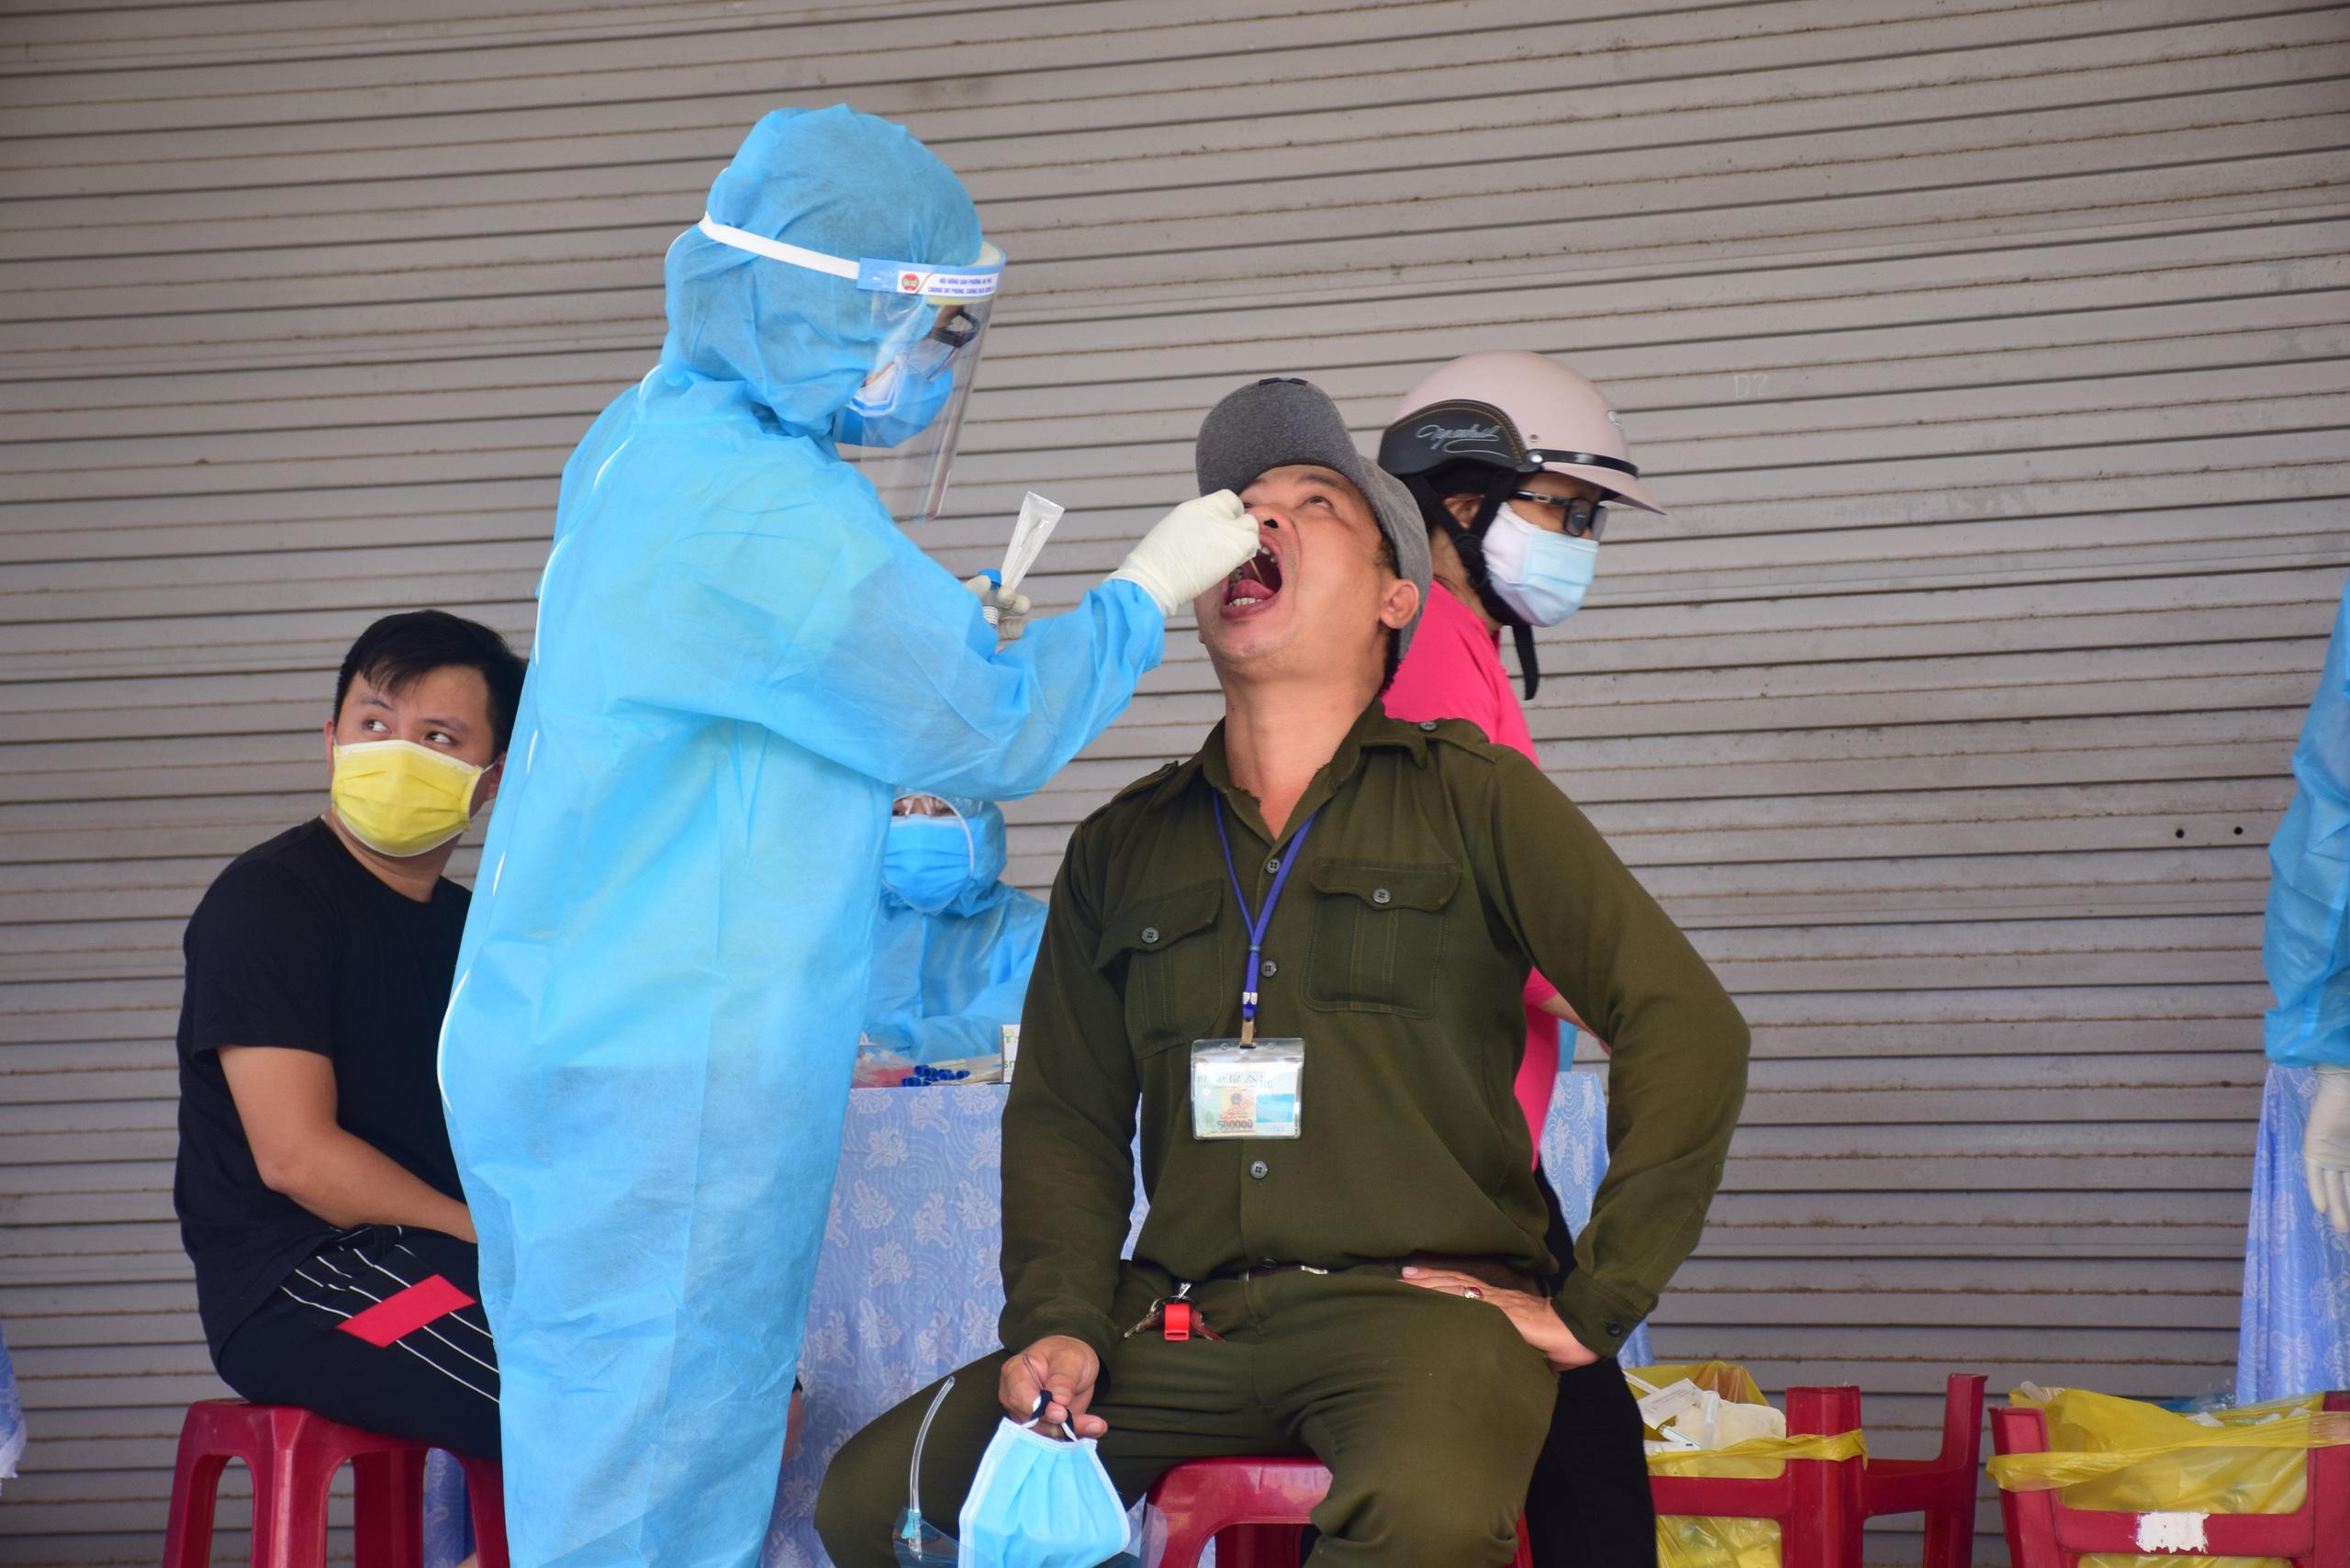 Thêm một ca nghi nhiễm Covid-19, Quảng Nam lập 7 chốt phòng chống dịch - Ảnh 3.